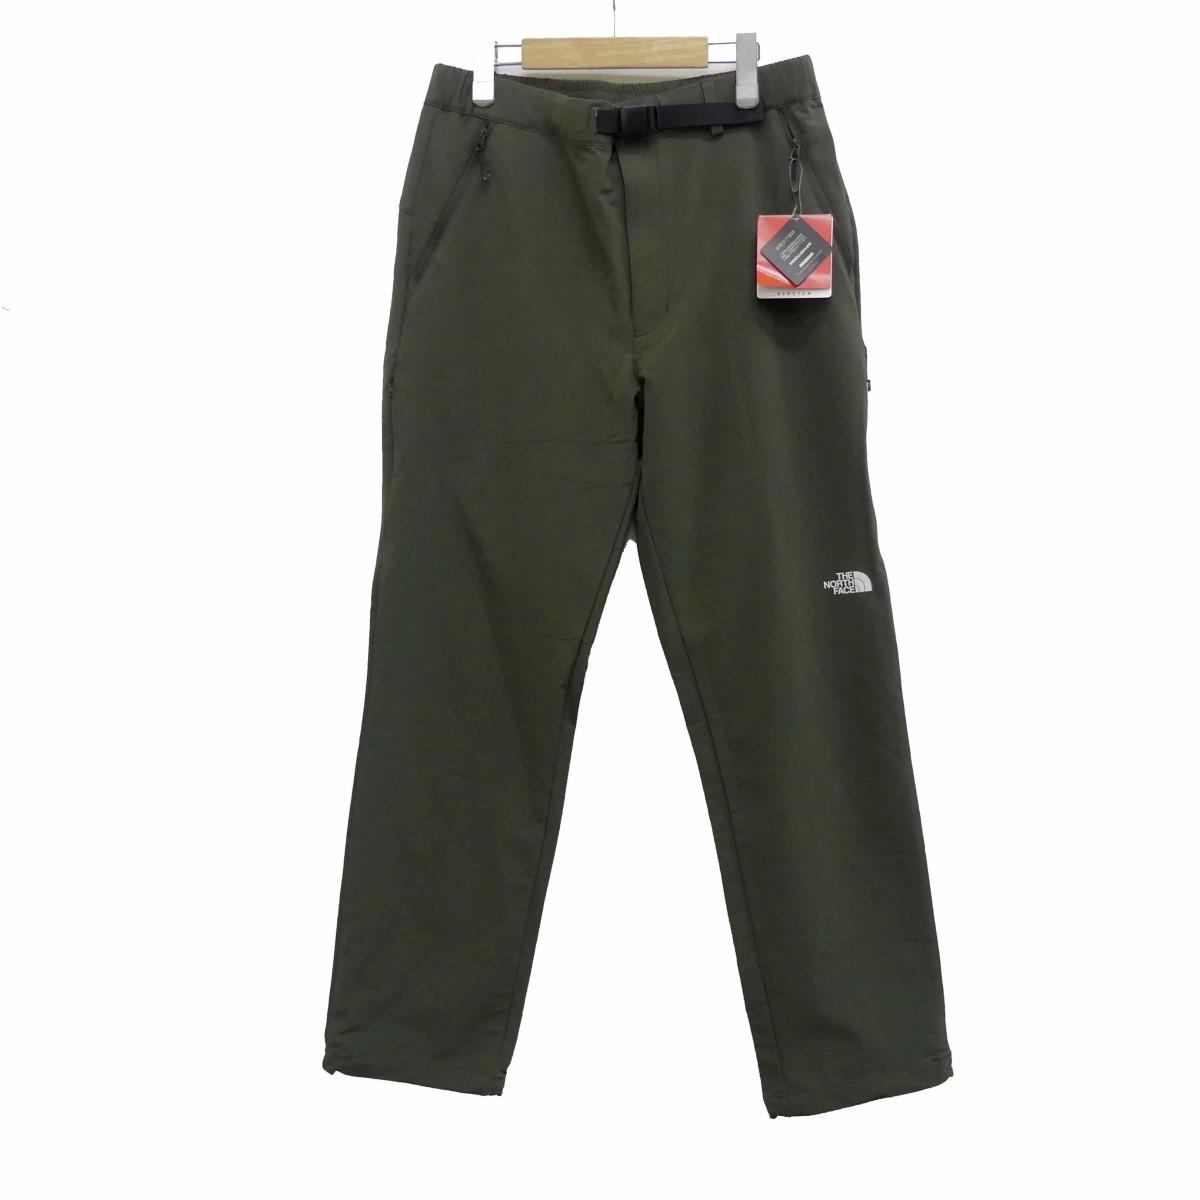 【中古】THE NORTH FACE Verb pants バーブパンツ ニュートープダークグリーン サイズ:L 【280320】(ザノースフェイス)